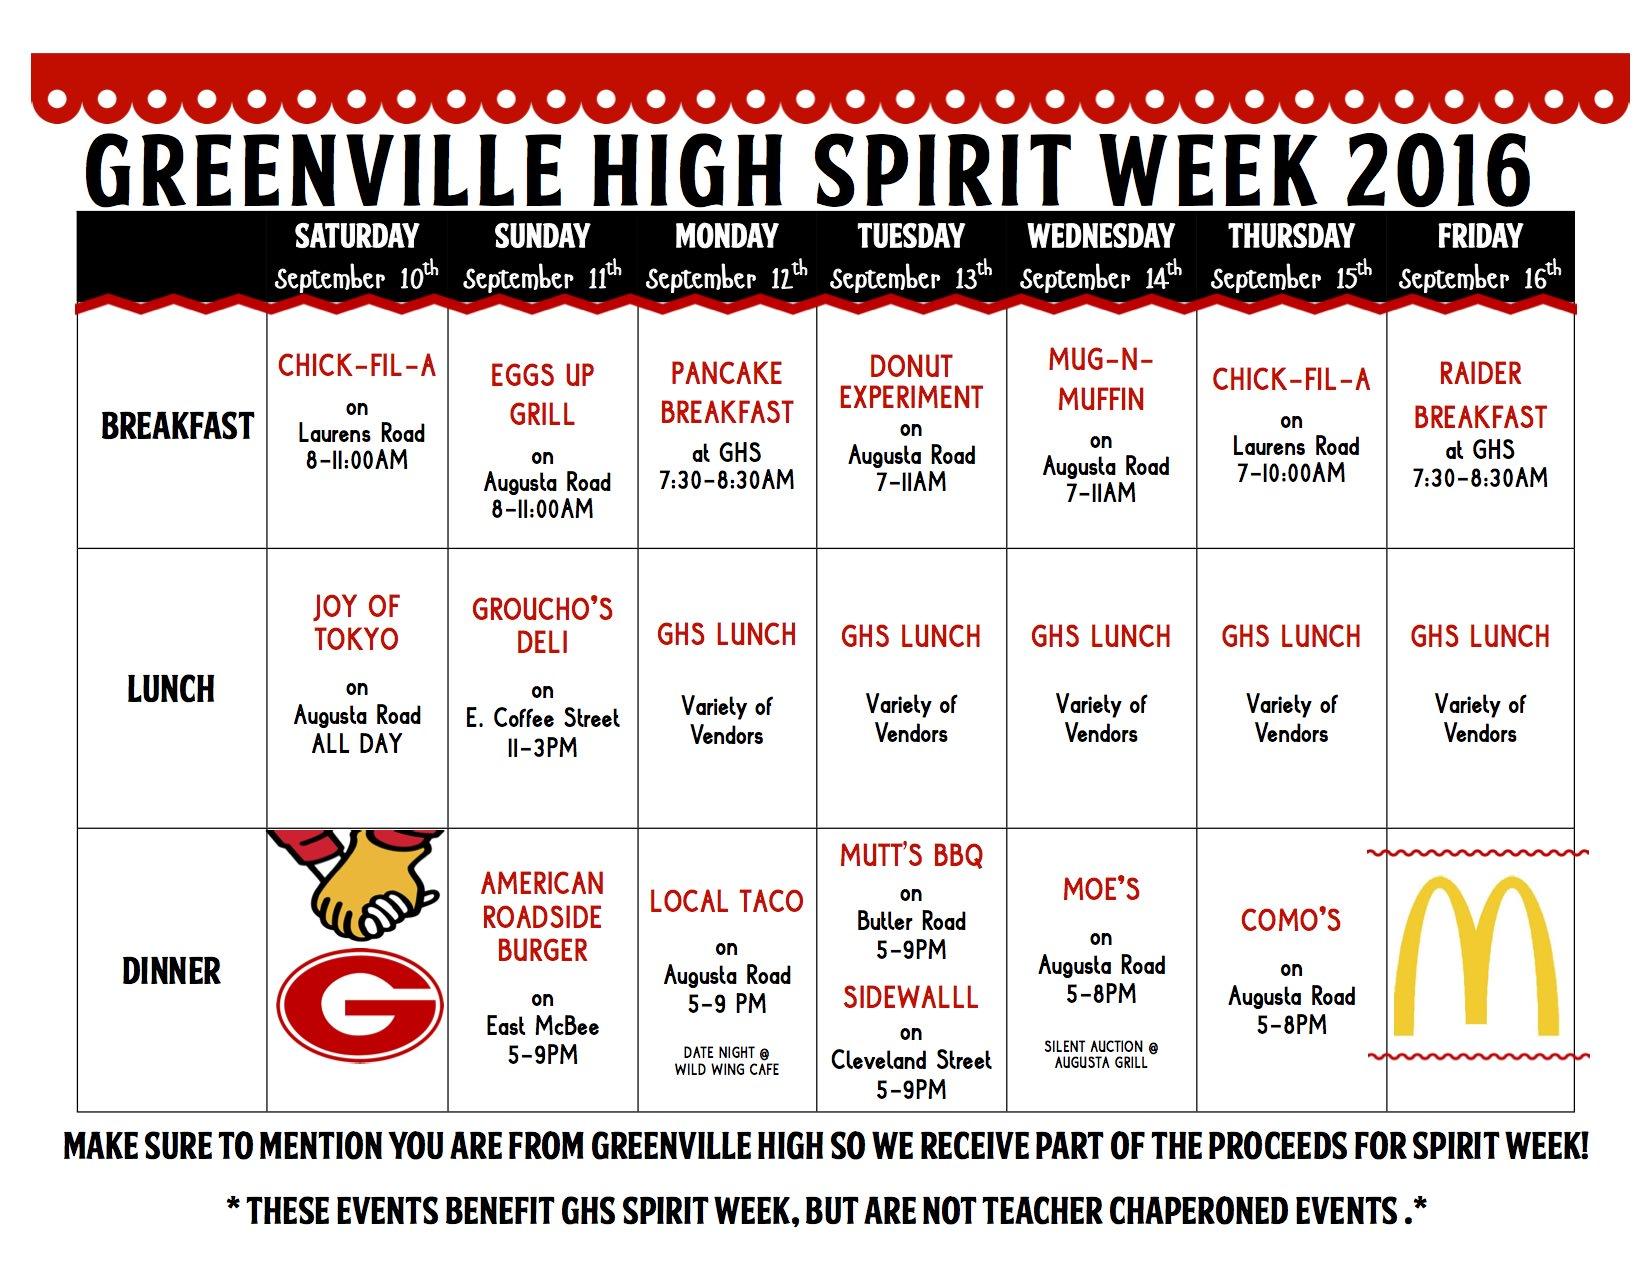 Calendar Dress Up Ideas : Greenville high school spirit week ronald mcdonald